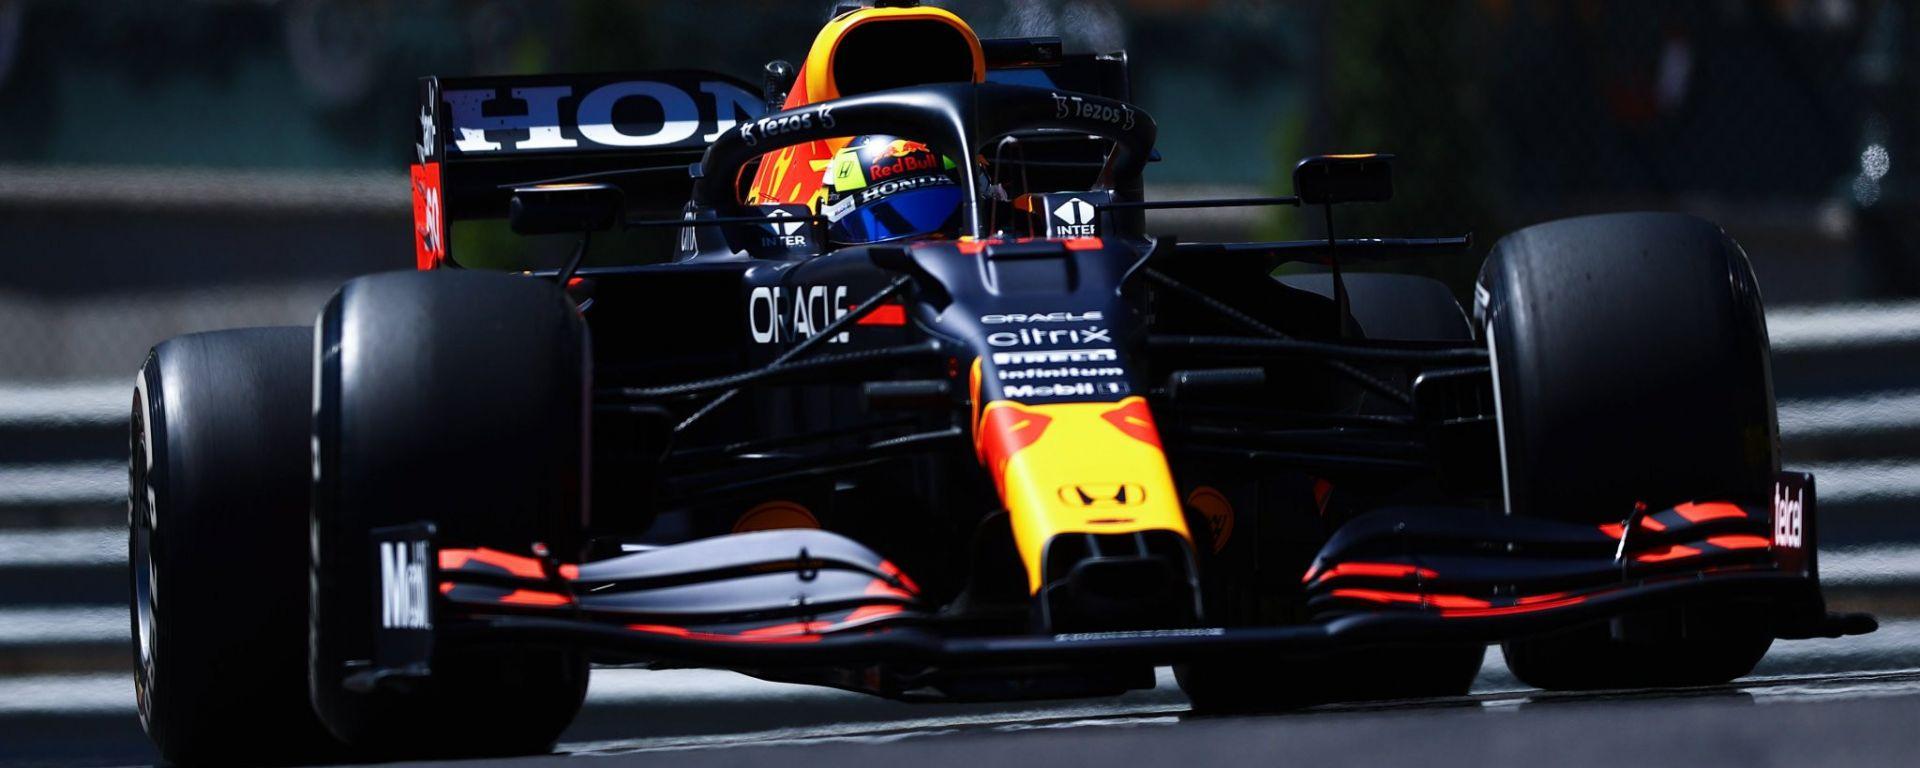 F1 GP Monaco 2021, Monte Carlo: Sergio Perez (Red Bull Racing)